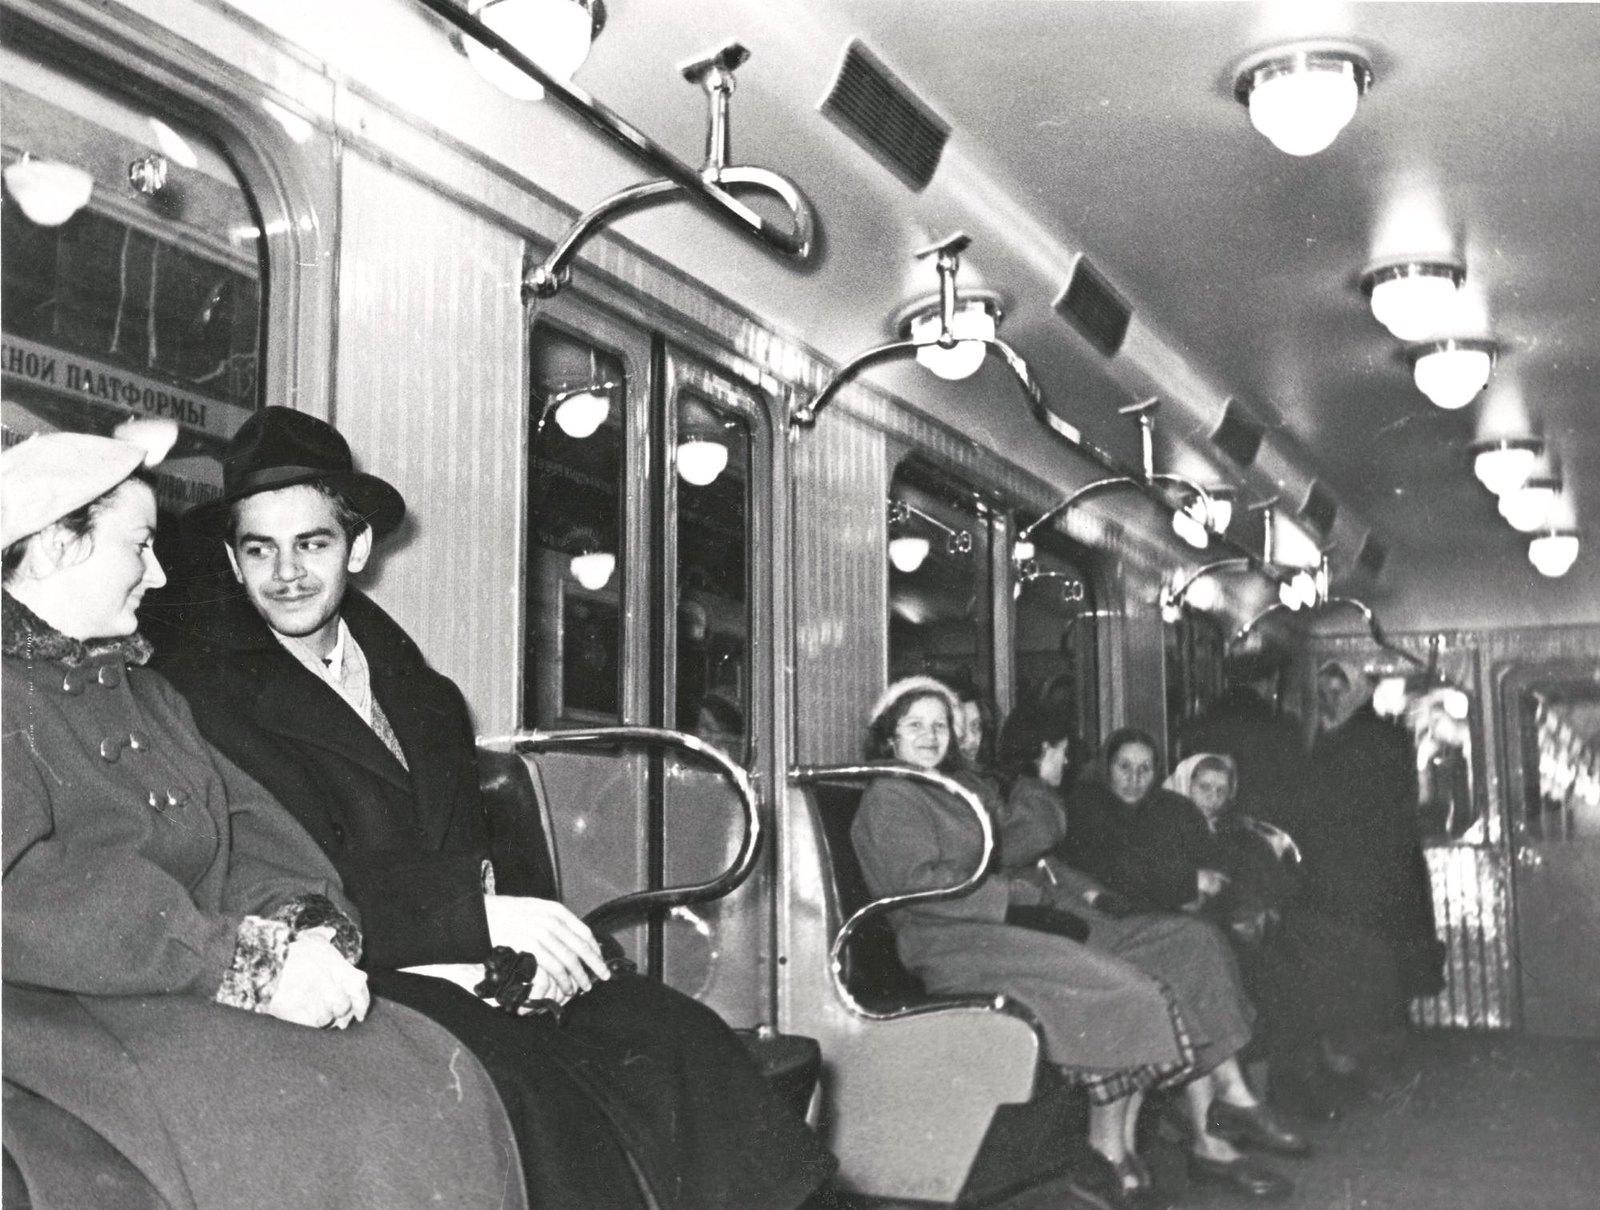 1949. Москва. В метро